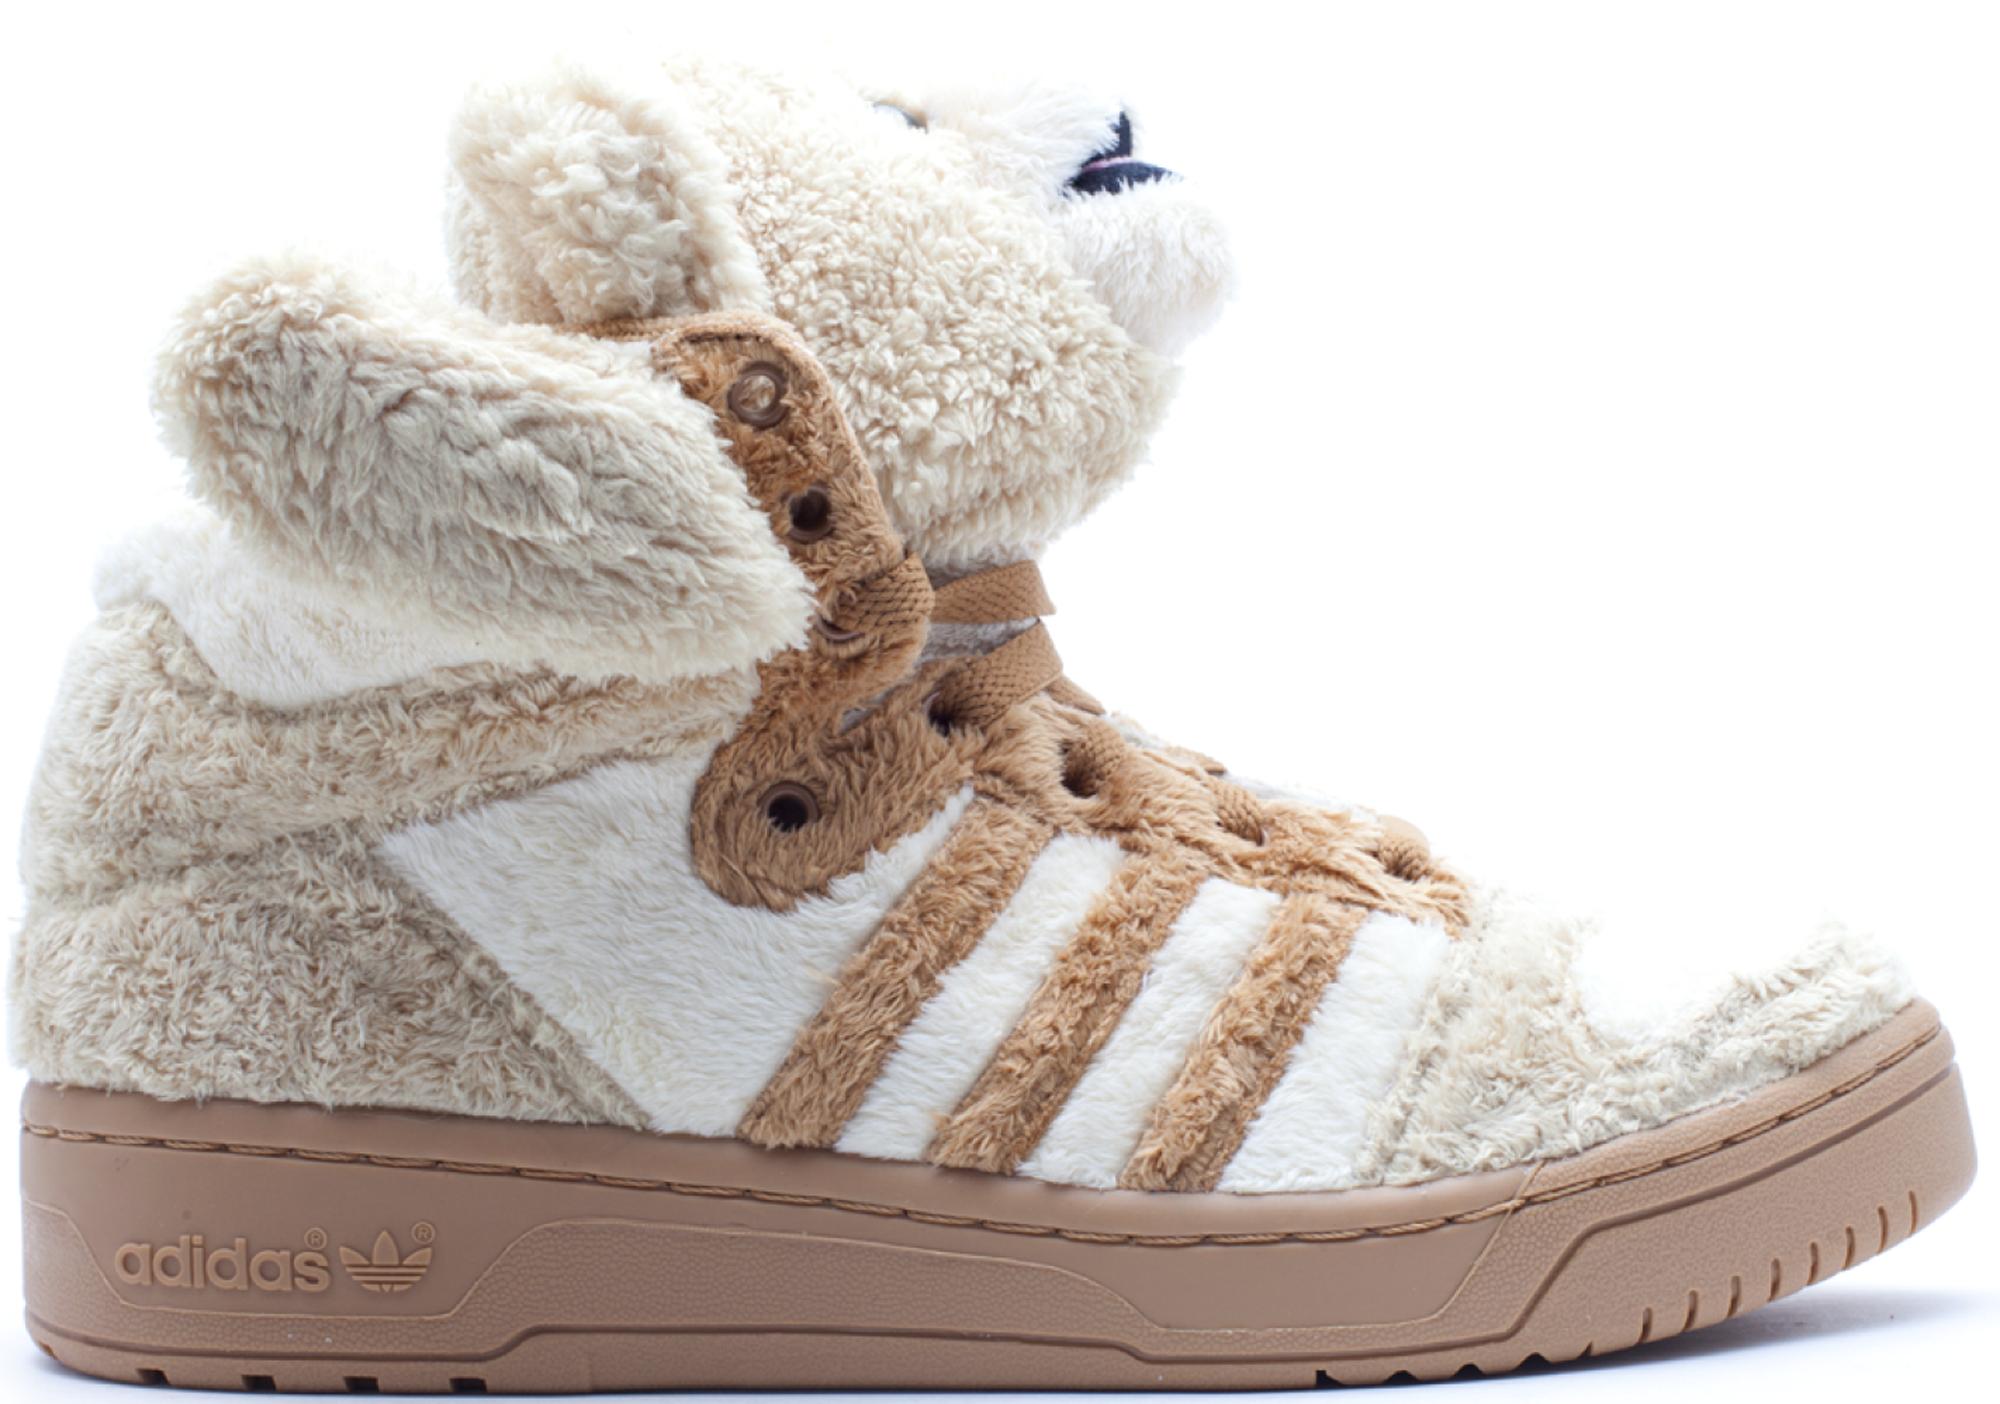 adidas JS Bear Jeremy Scott Teddy Bear